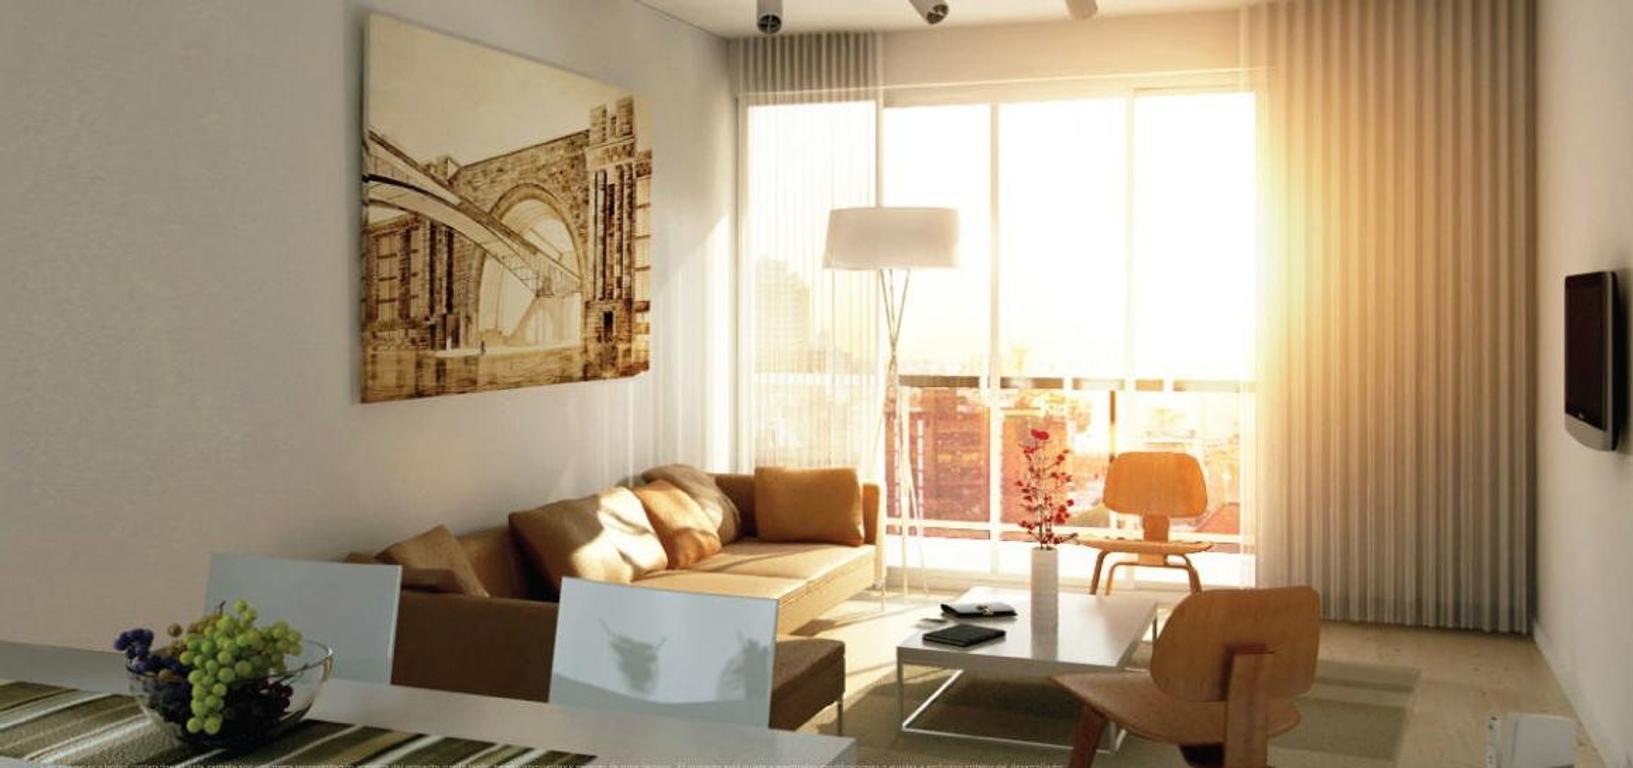 Monoambiente a estrenar con amenities en Recoleta